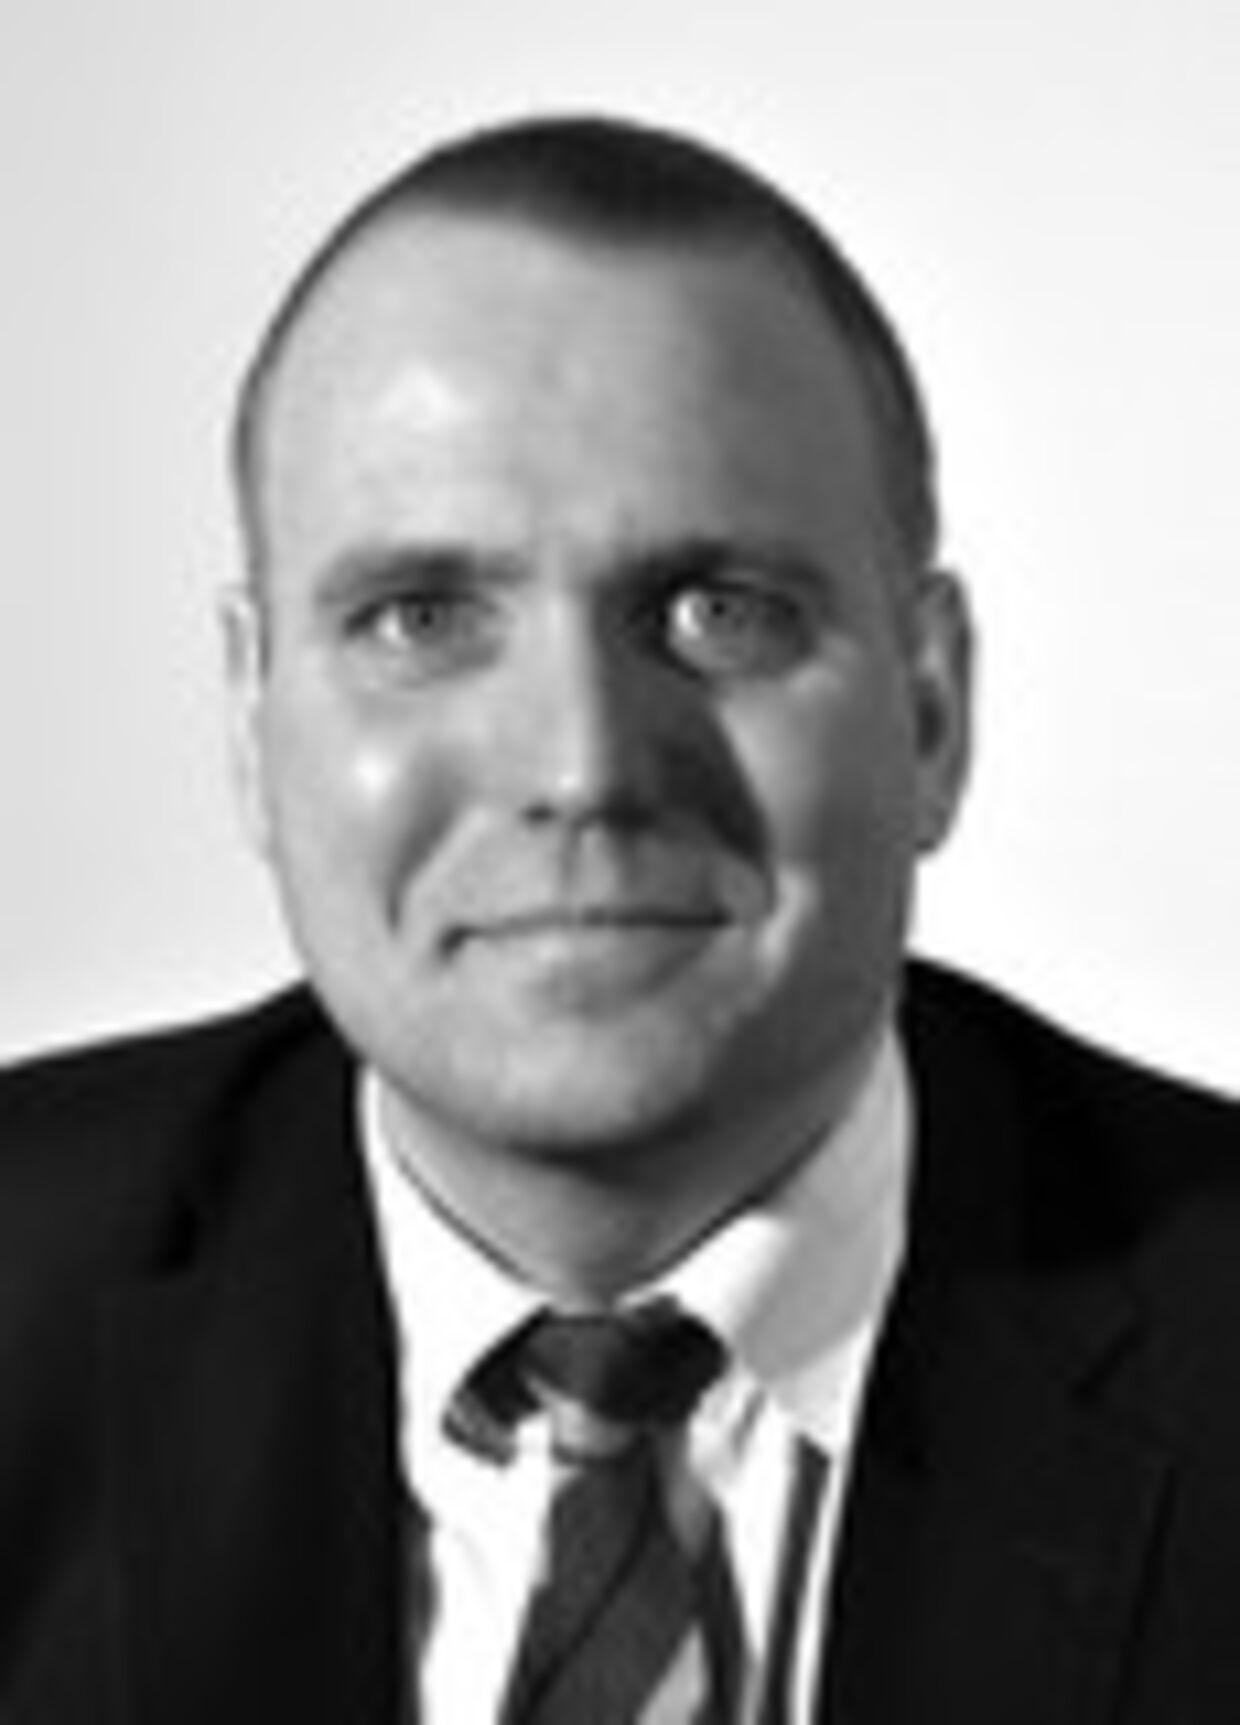 Thomas Gyldal Petersen